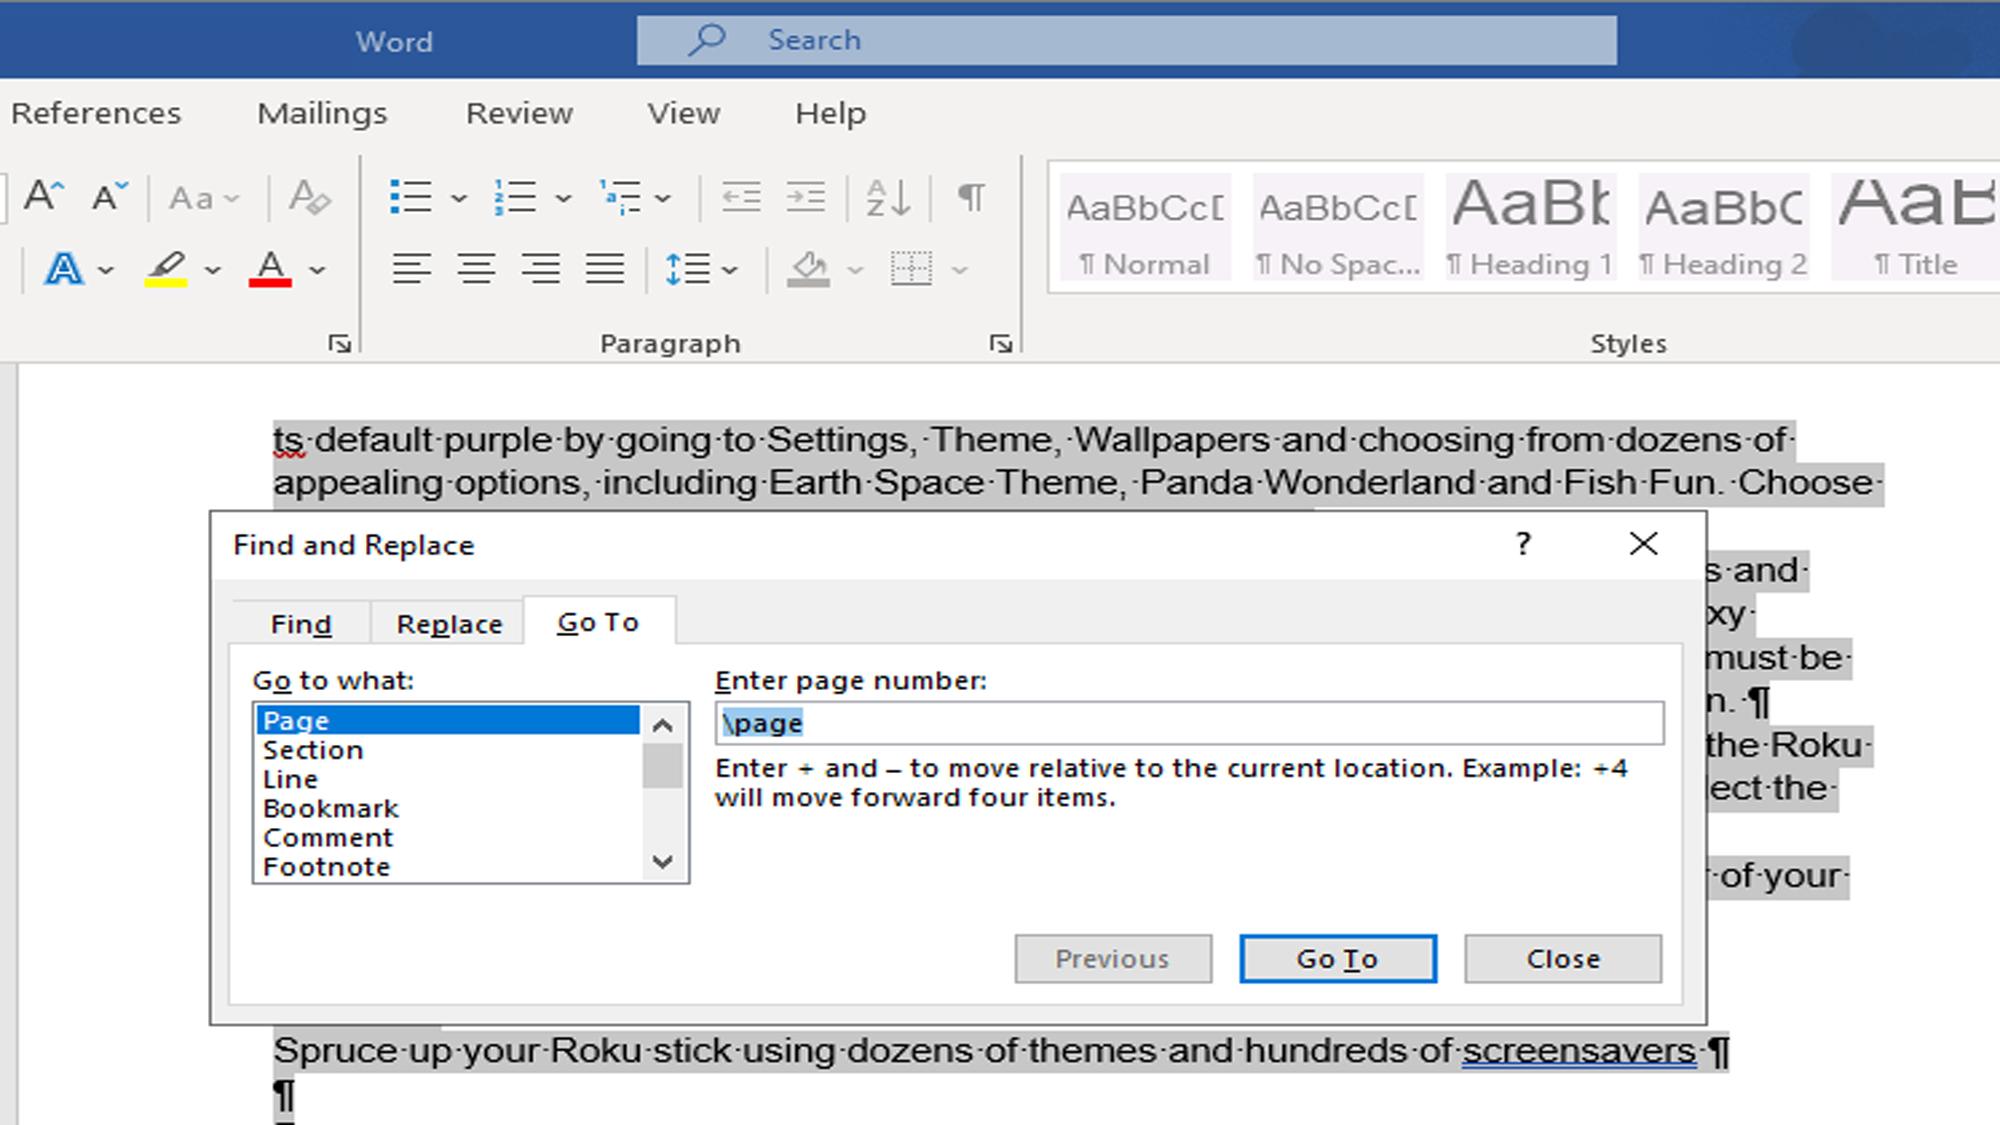 Cara menghapus halaman di Microsoft Word — gunakan temukan dan ganti